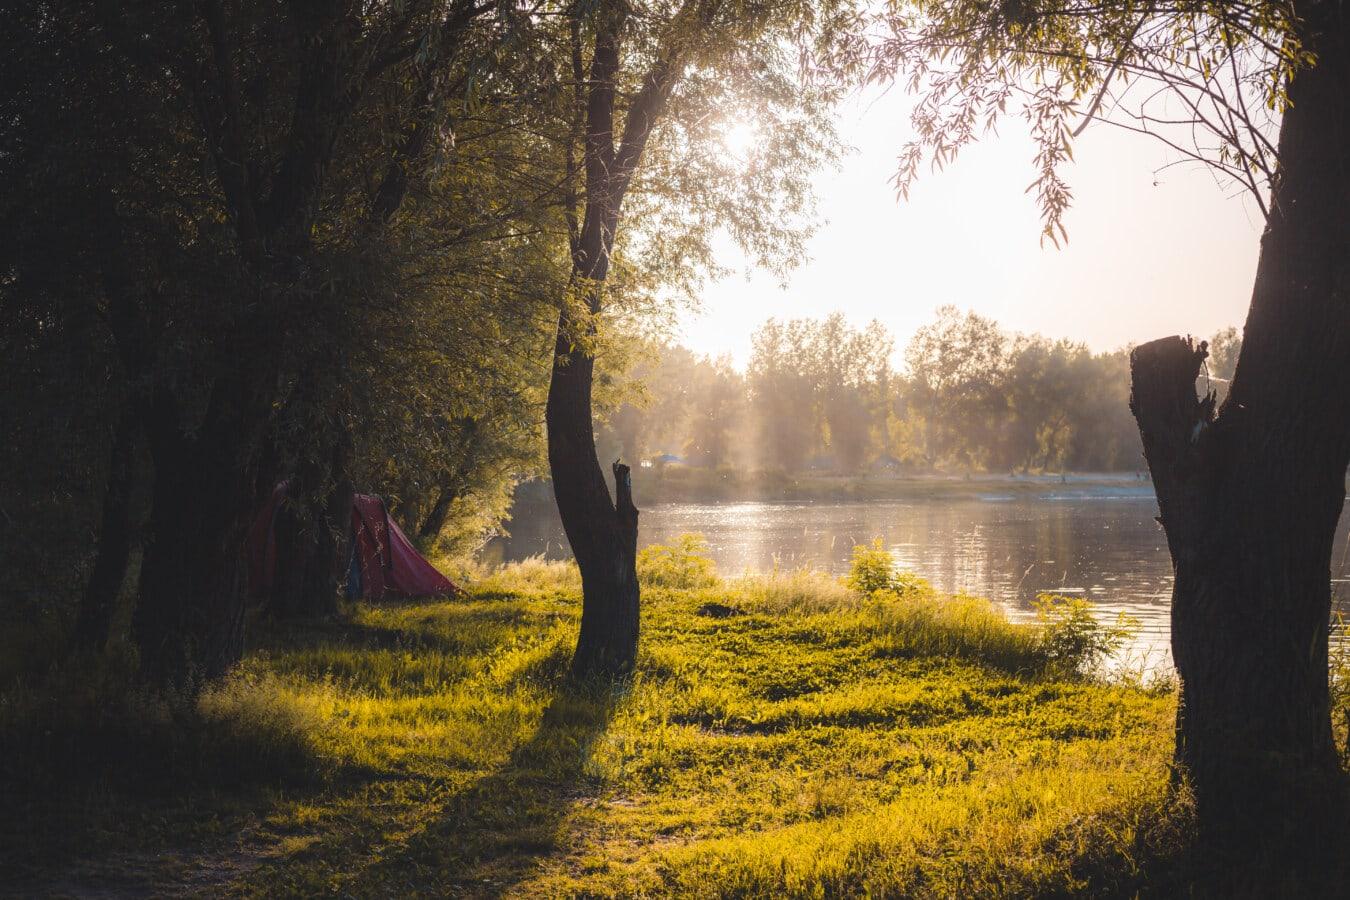 Zelt, Camping, Fluss, Flussufer, Sommersaison, Sonnenschein, Atmosphäre, majestätisch, Bäume, Struktur